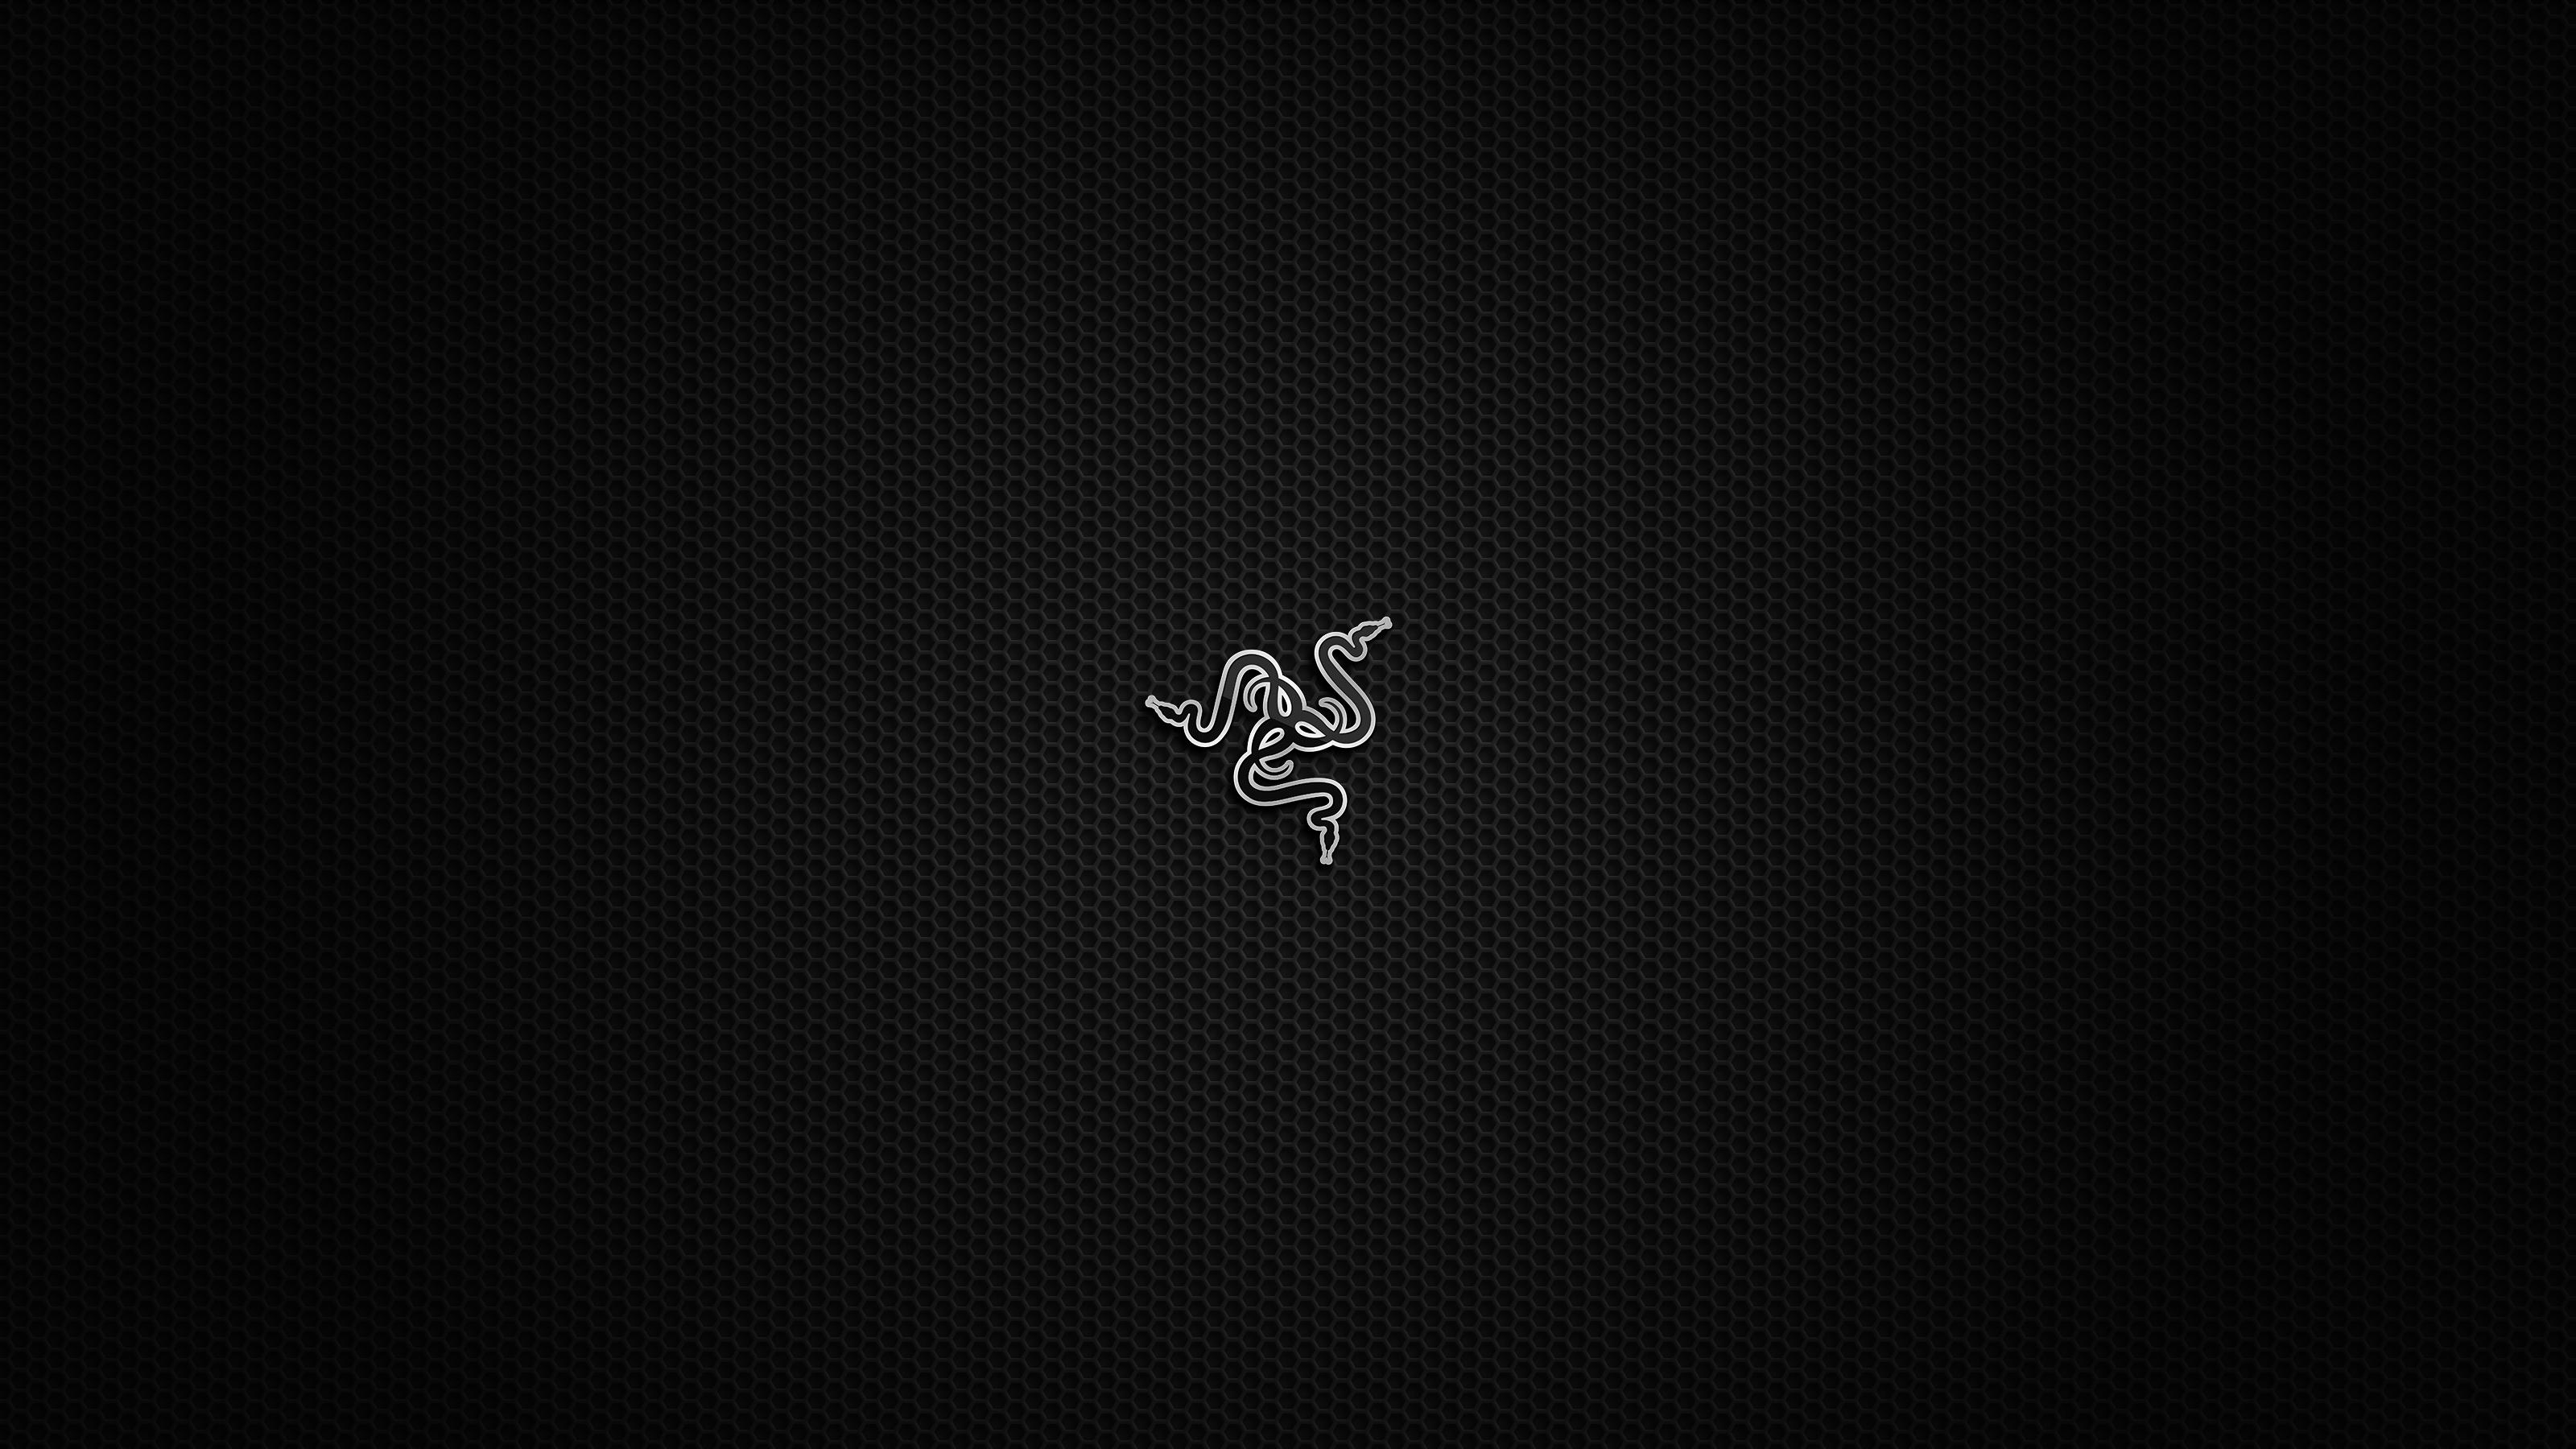 Razer Blades Default Wallpaper Razer Insider Forum Razer Wallpaper Black Phone Wallpaper